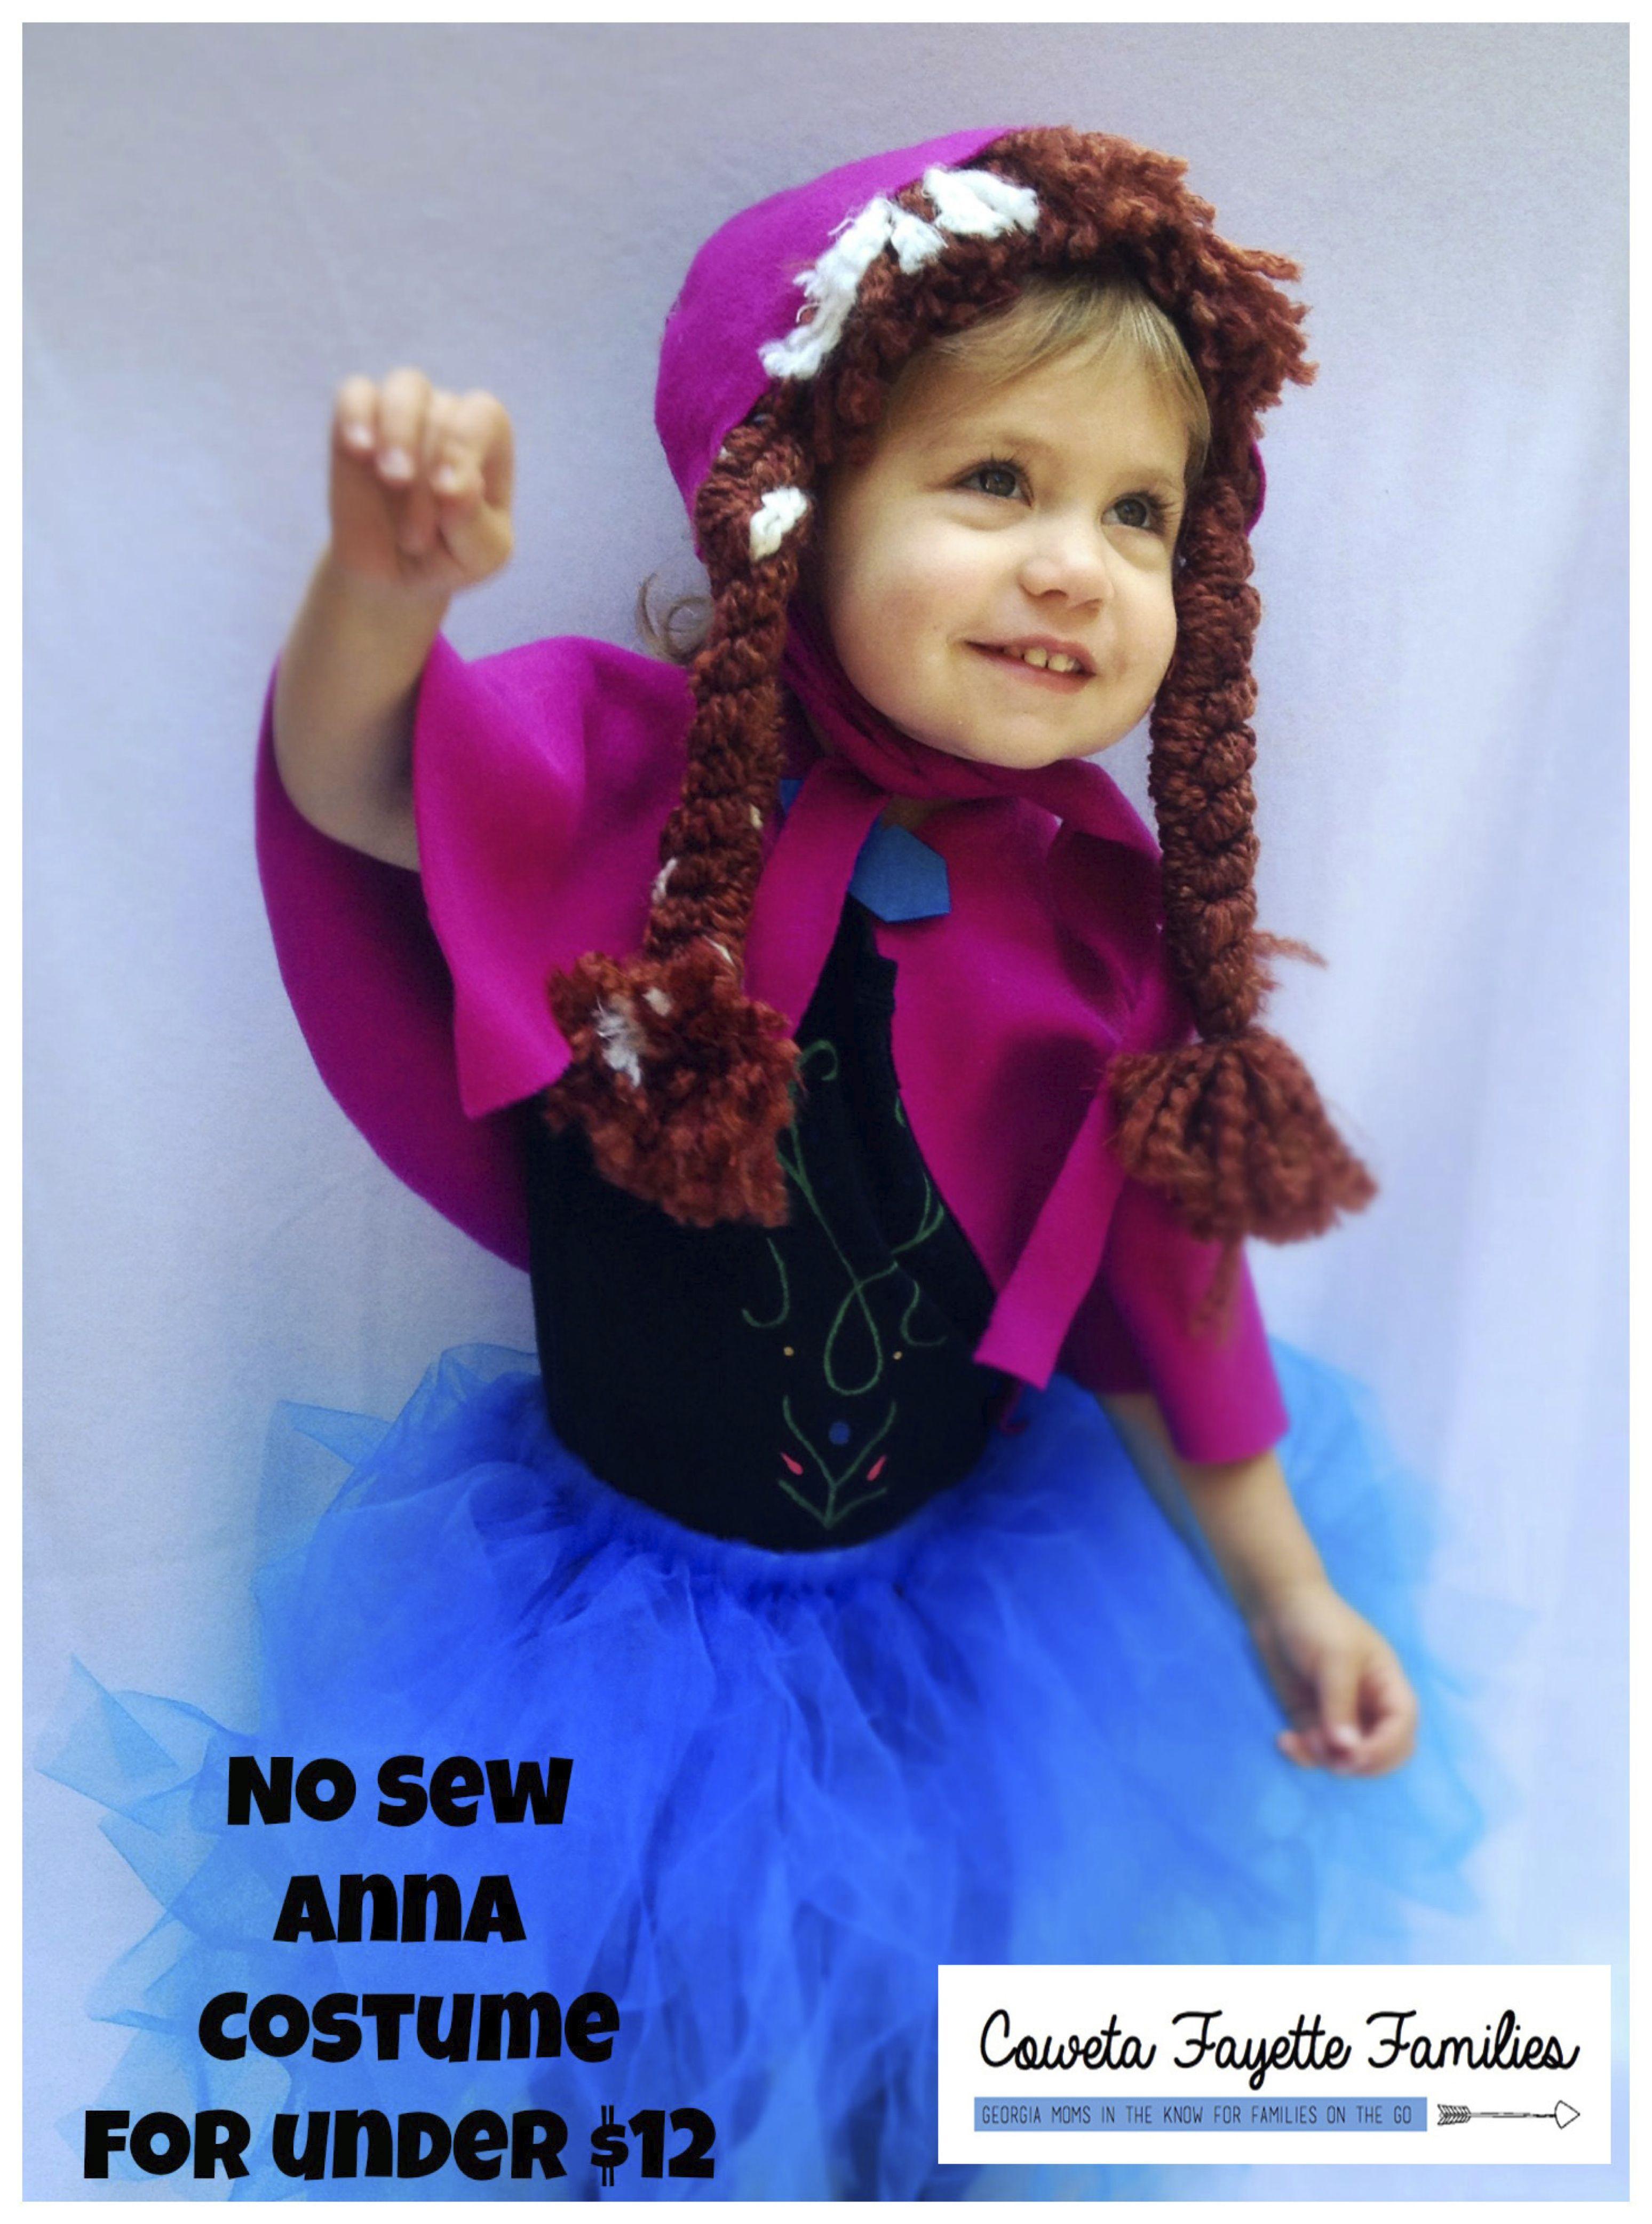 no sew anna costume for under 12 halloween frozen - Halloween Anna Costume